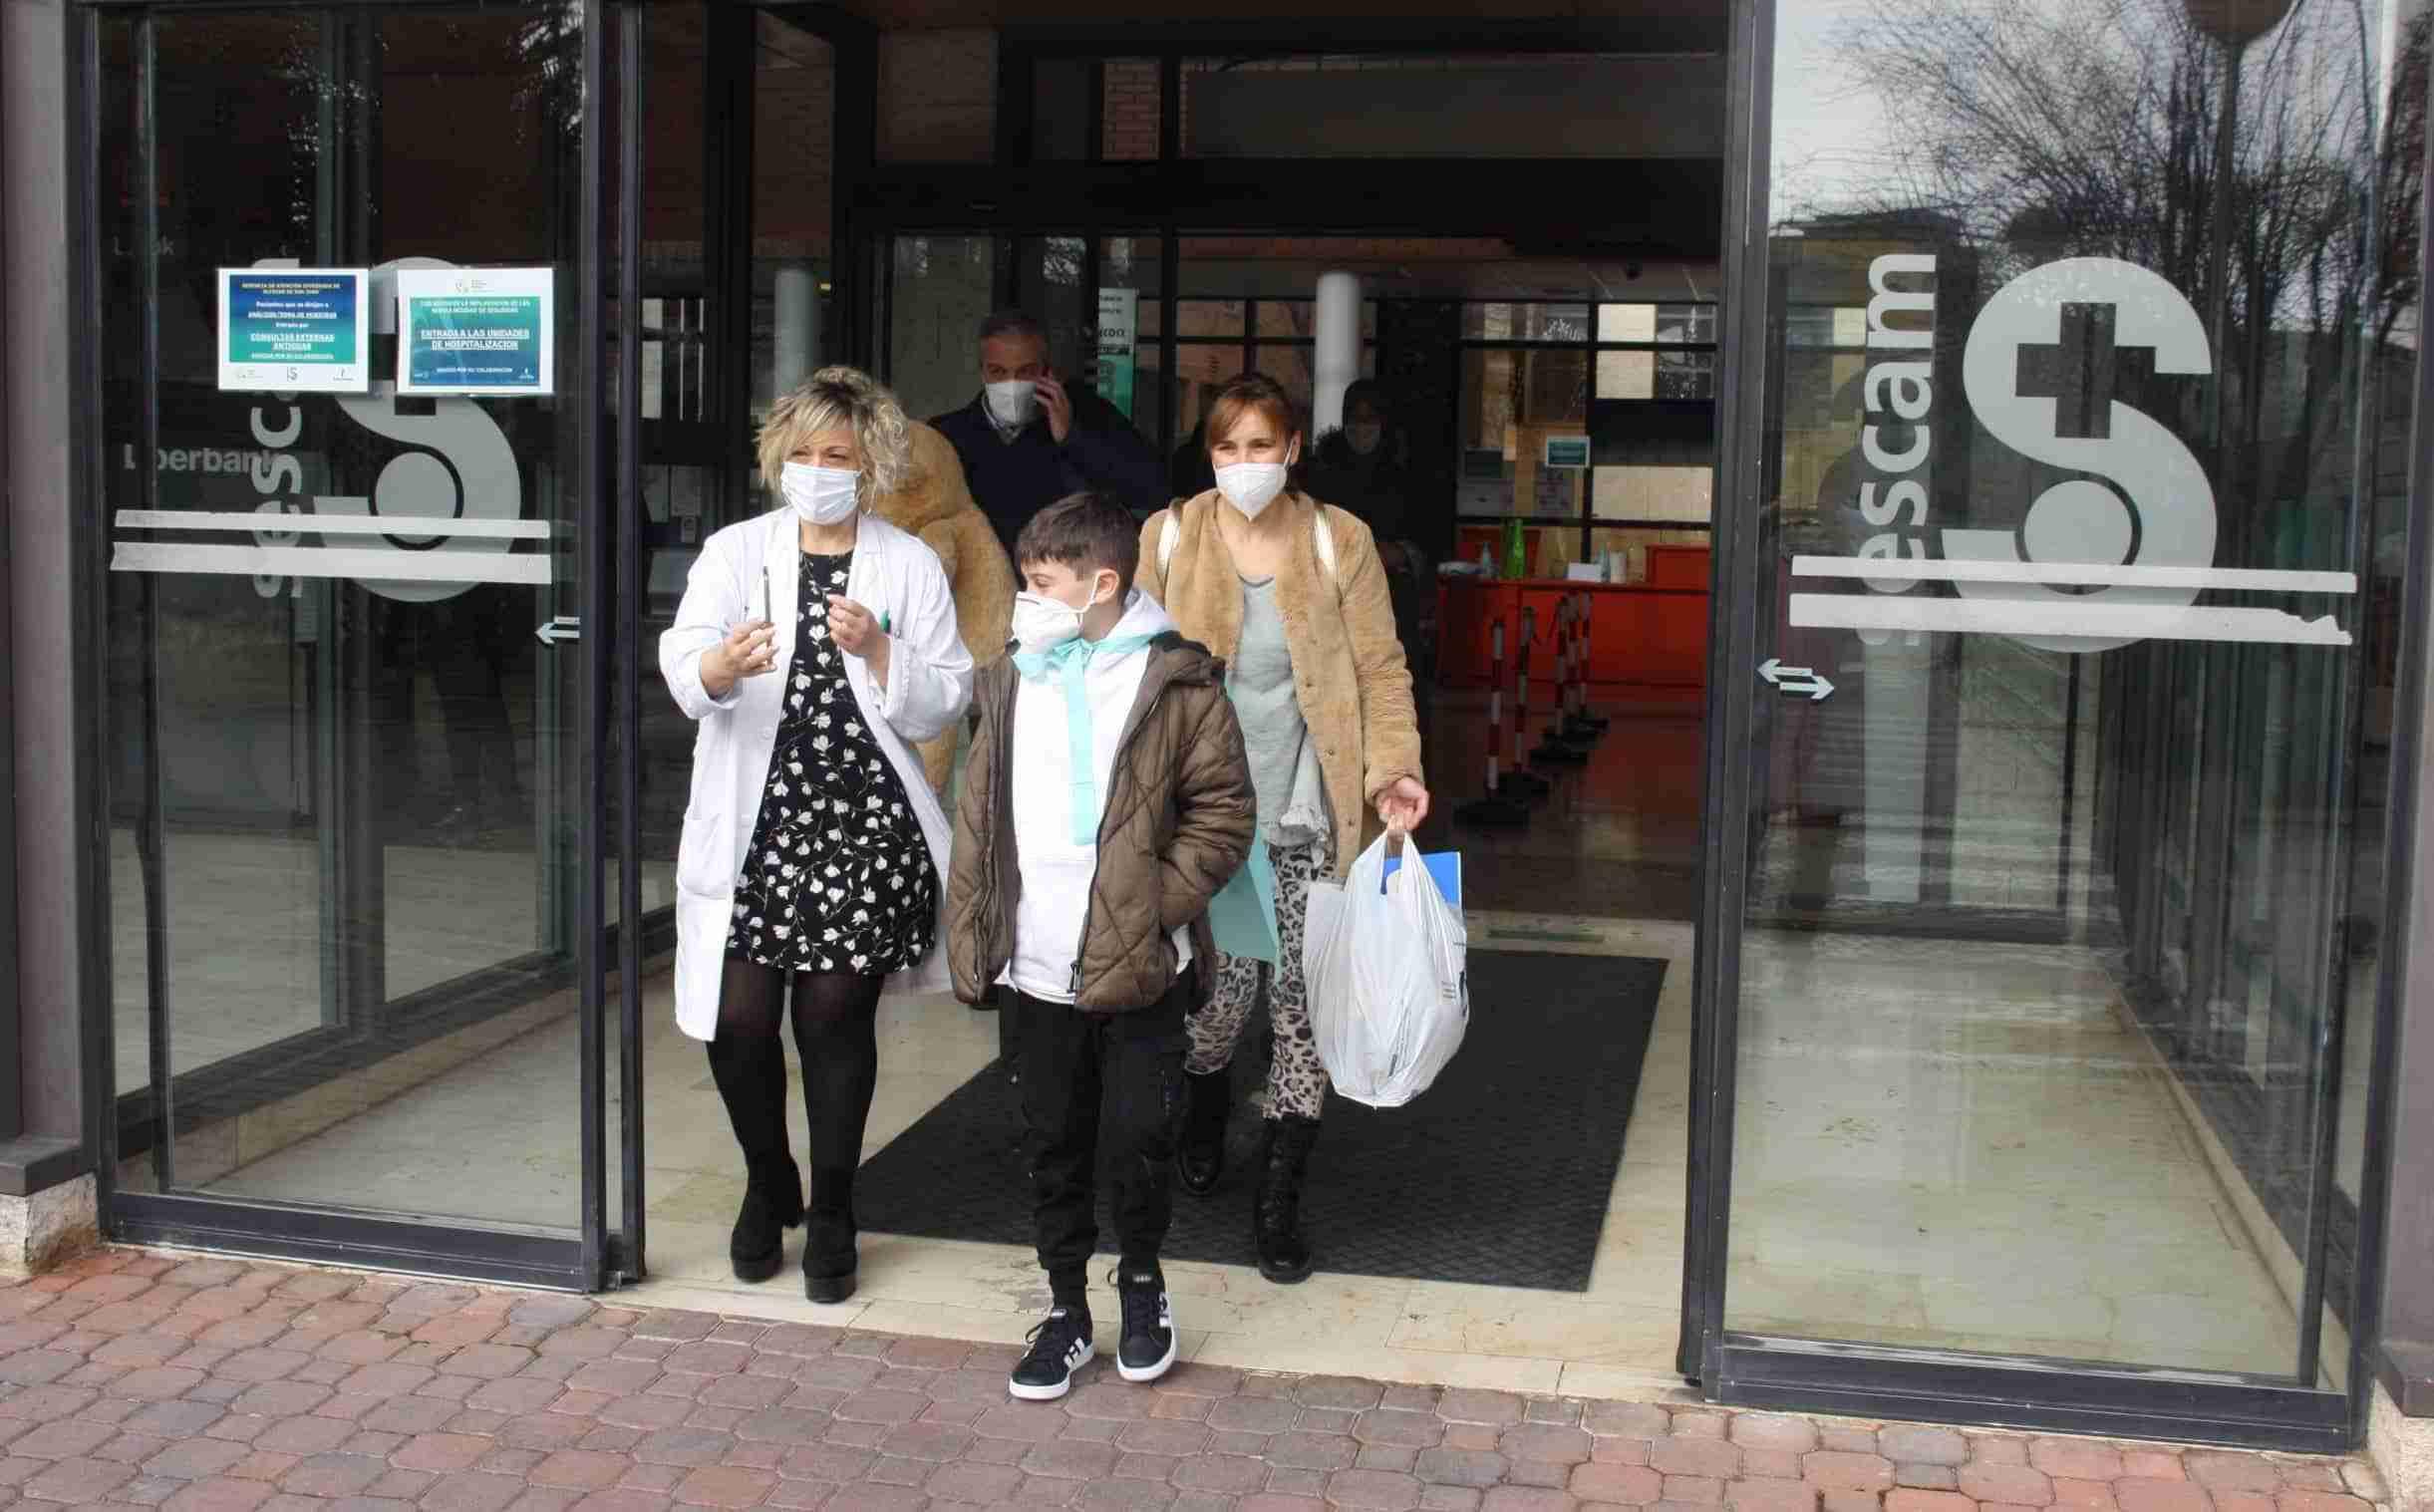 Mateo, el niño que estuvo 11 días en la UCI del Hospital Mancha Centro, recibe el alta médica y vuelve a casa con su familia 4